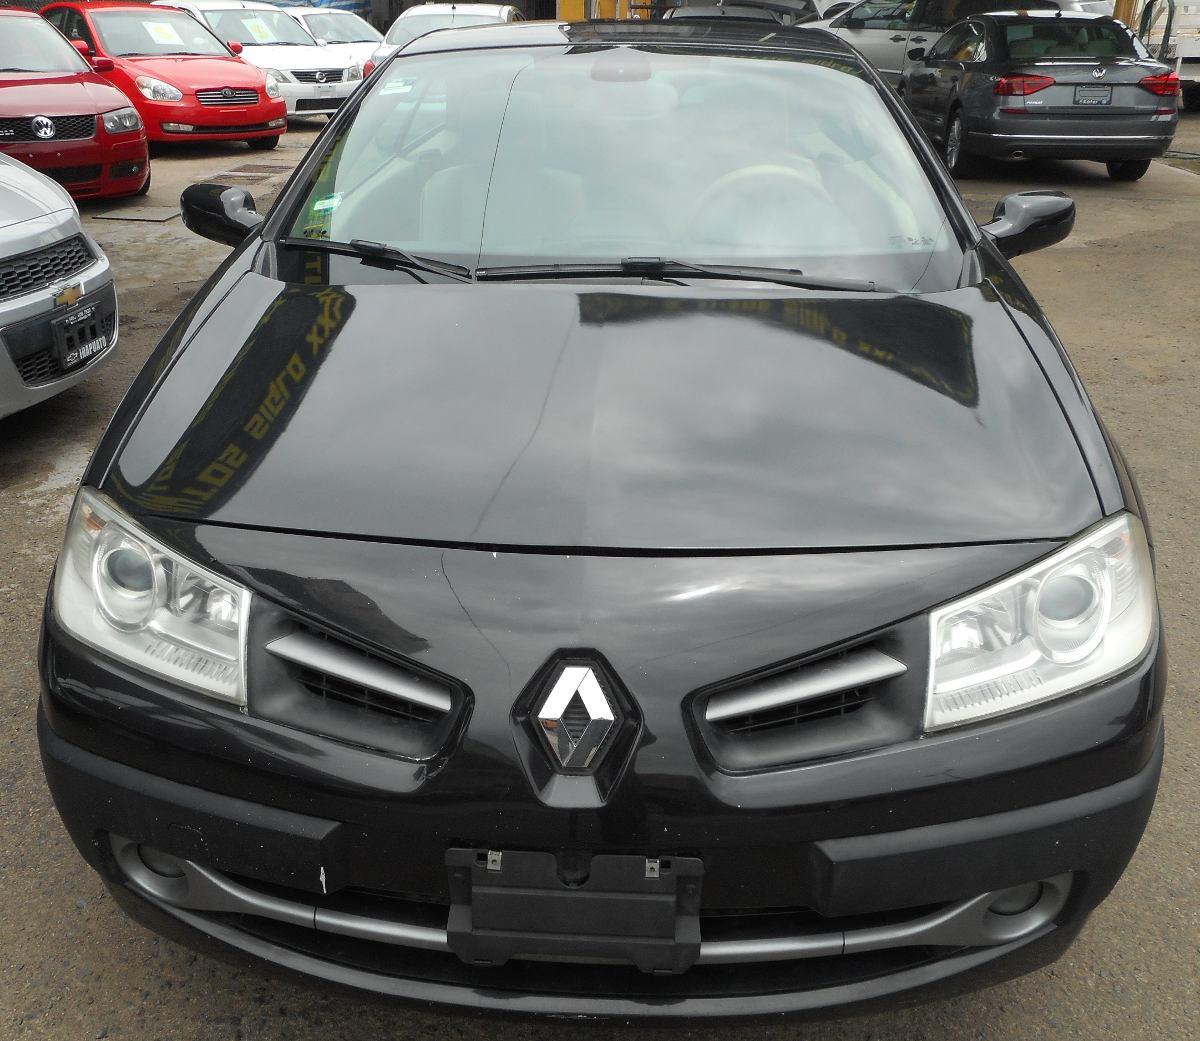 bonito megane coupe 2 cabriolet 2009 120 000 en mercado libre. Black Bedroom Furniture Sets. Home Design Ideas